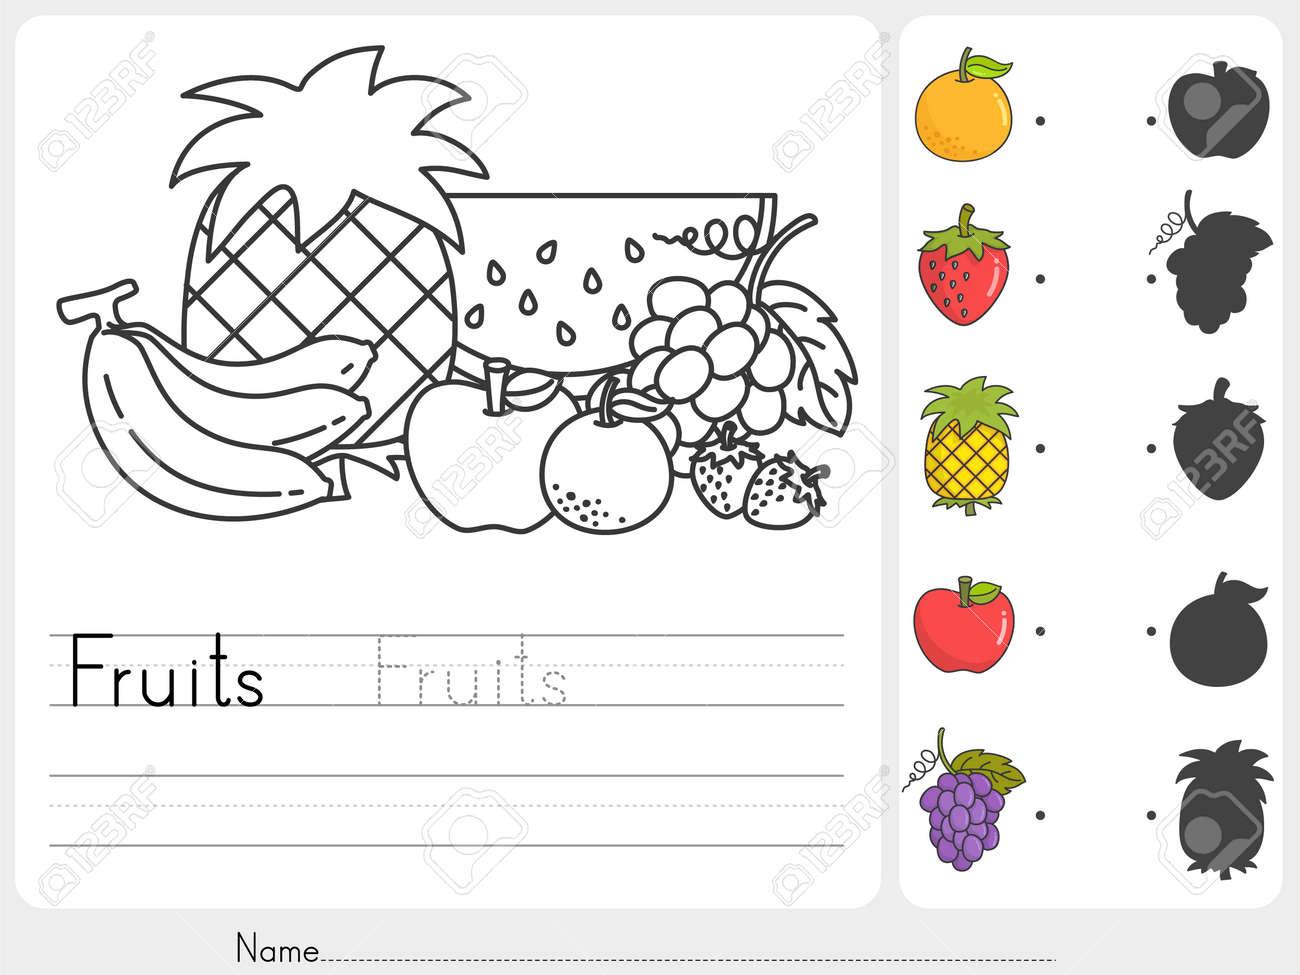 Früchte Malen Und Passen Mit Schatten Arbeitsblatt Für Bildung